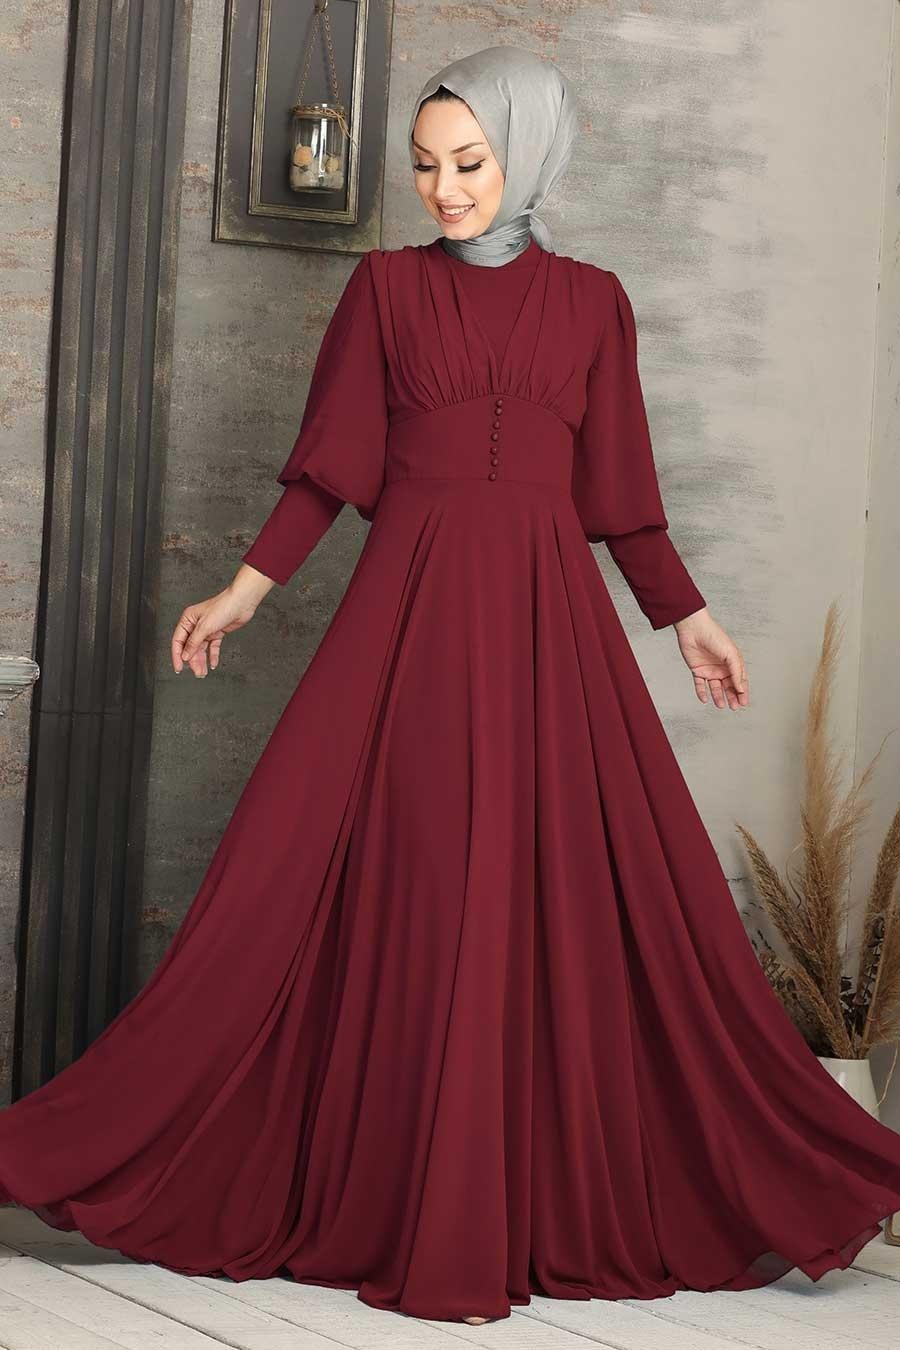 Tesettürlü Abiye Elbise - Düğme Detaylı Bordo Tesettür Abiye Elbise 53810BR